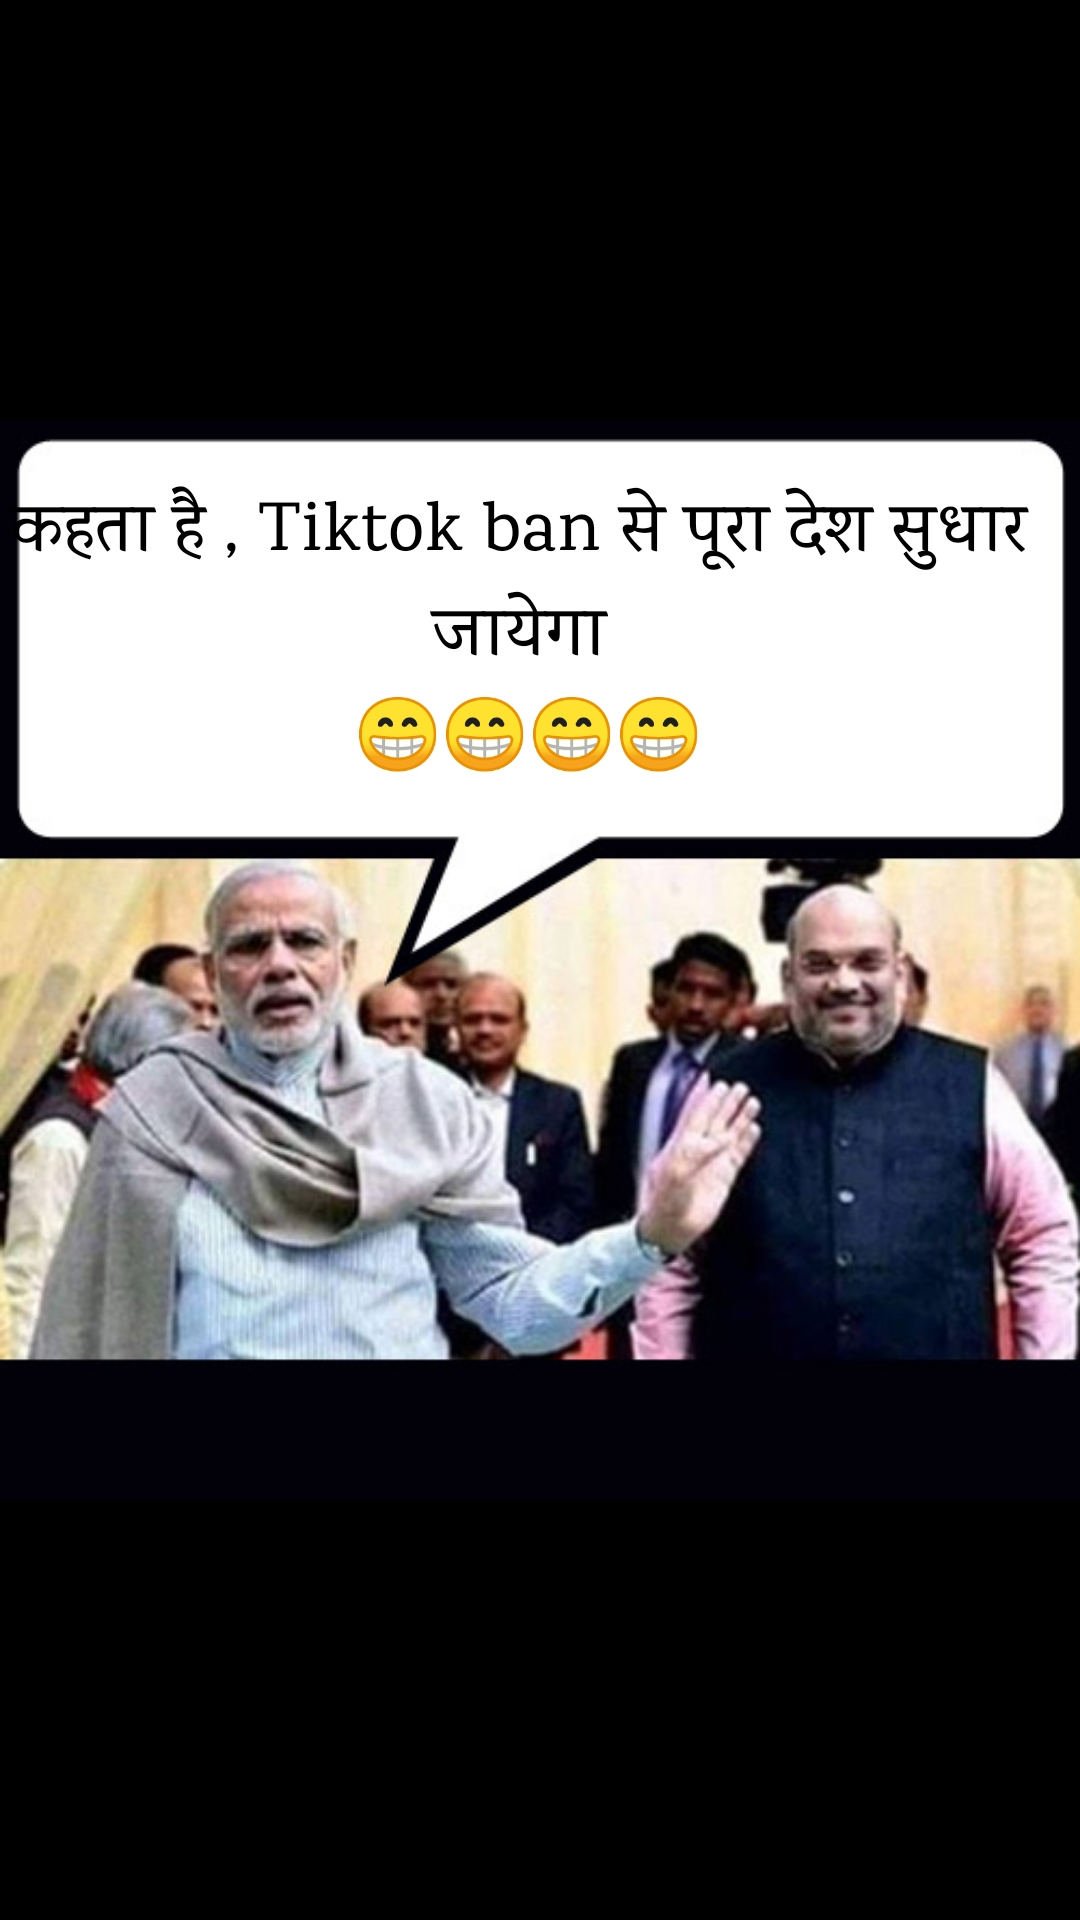 कहता है , Tiktok ban से पूरा देश सुधार  जायेगा  😁😁😁😁